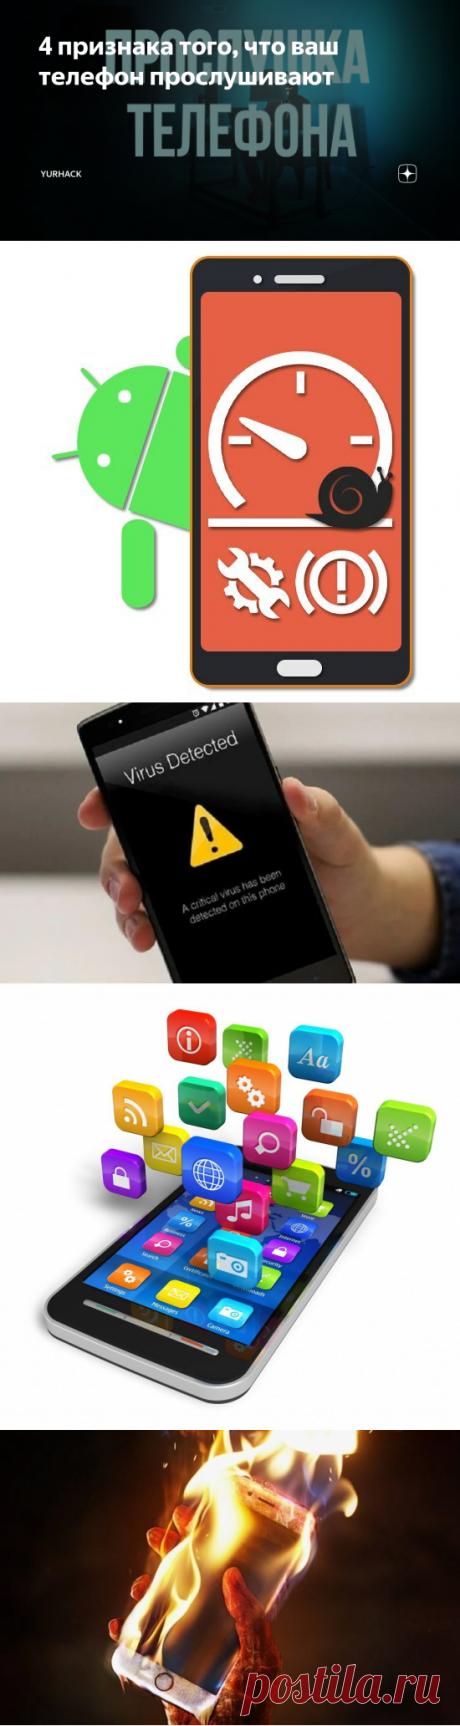 4 признака того, что ваш телефон прослушивают | YurHack | Яндекс Дзен